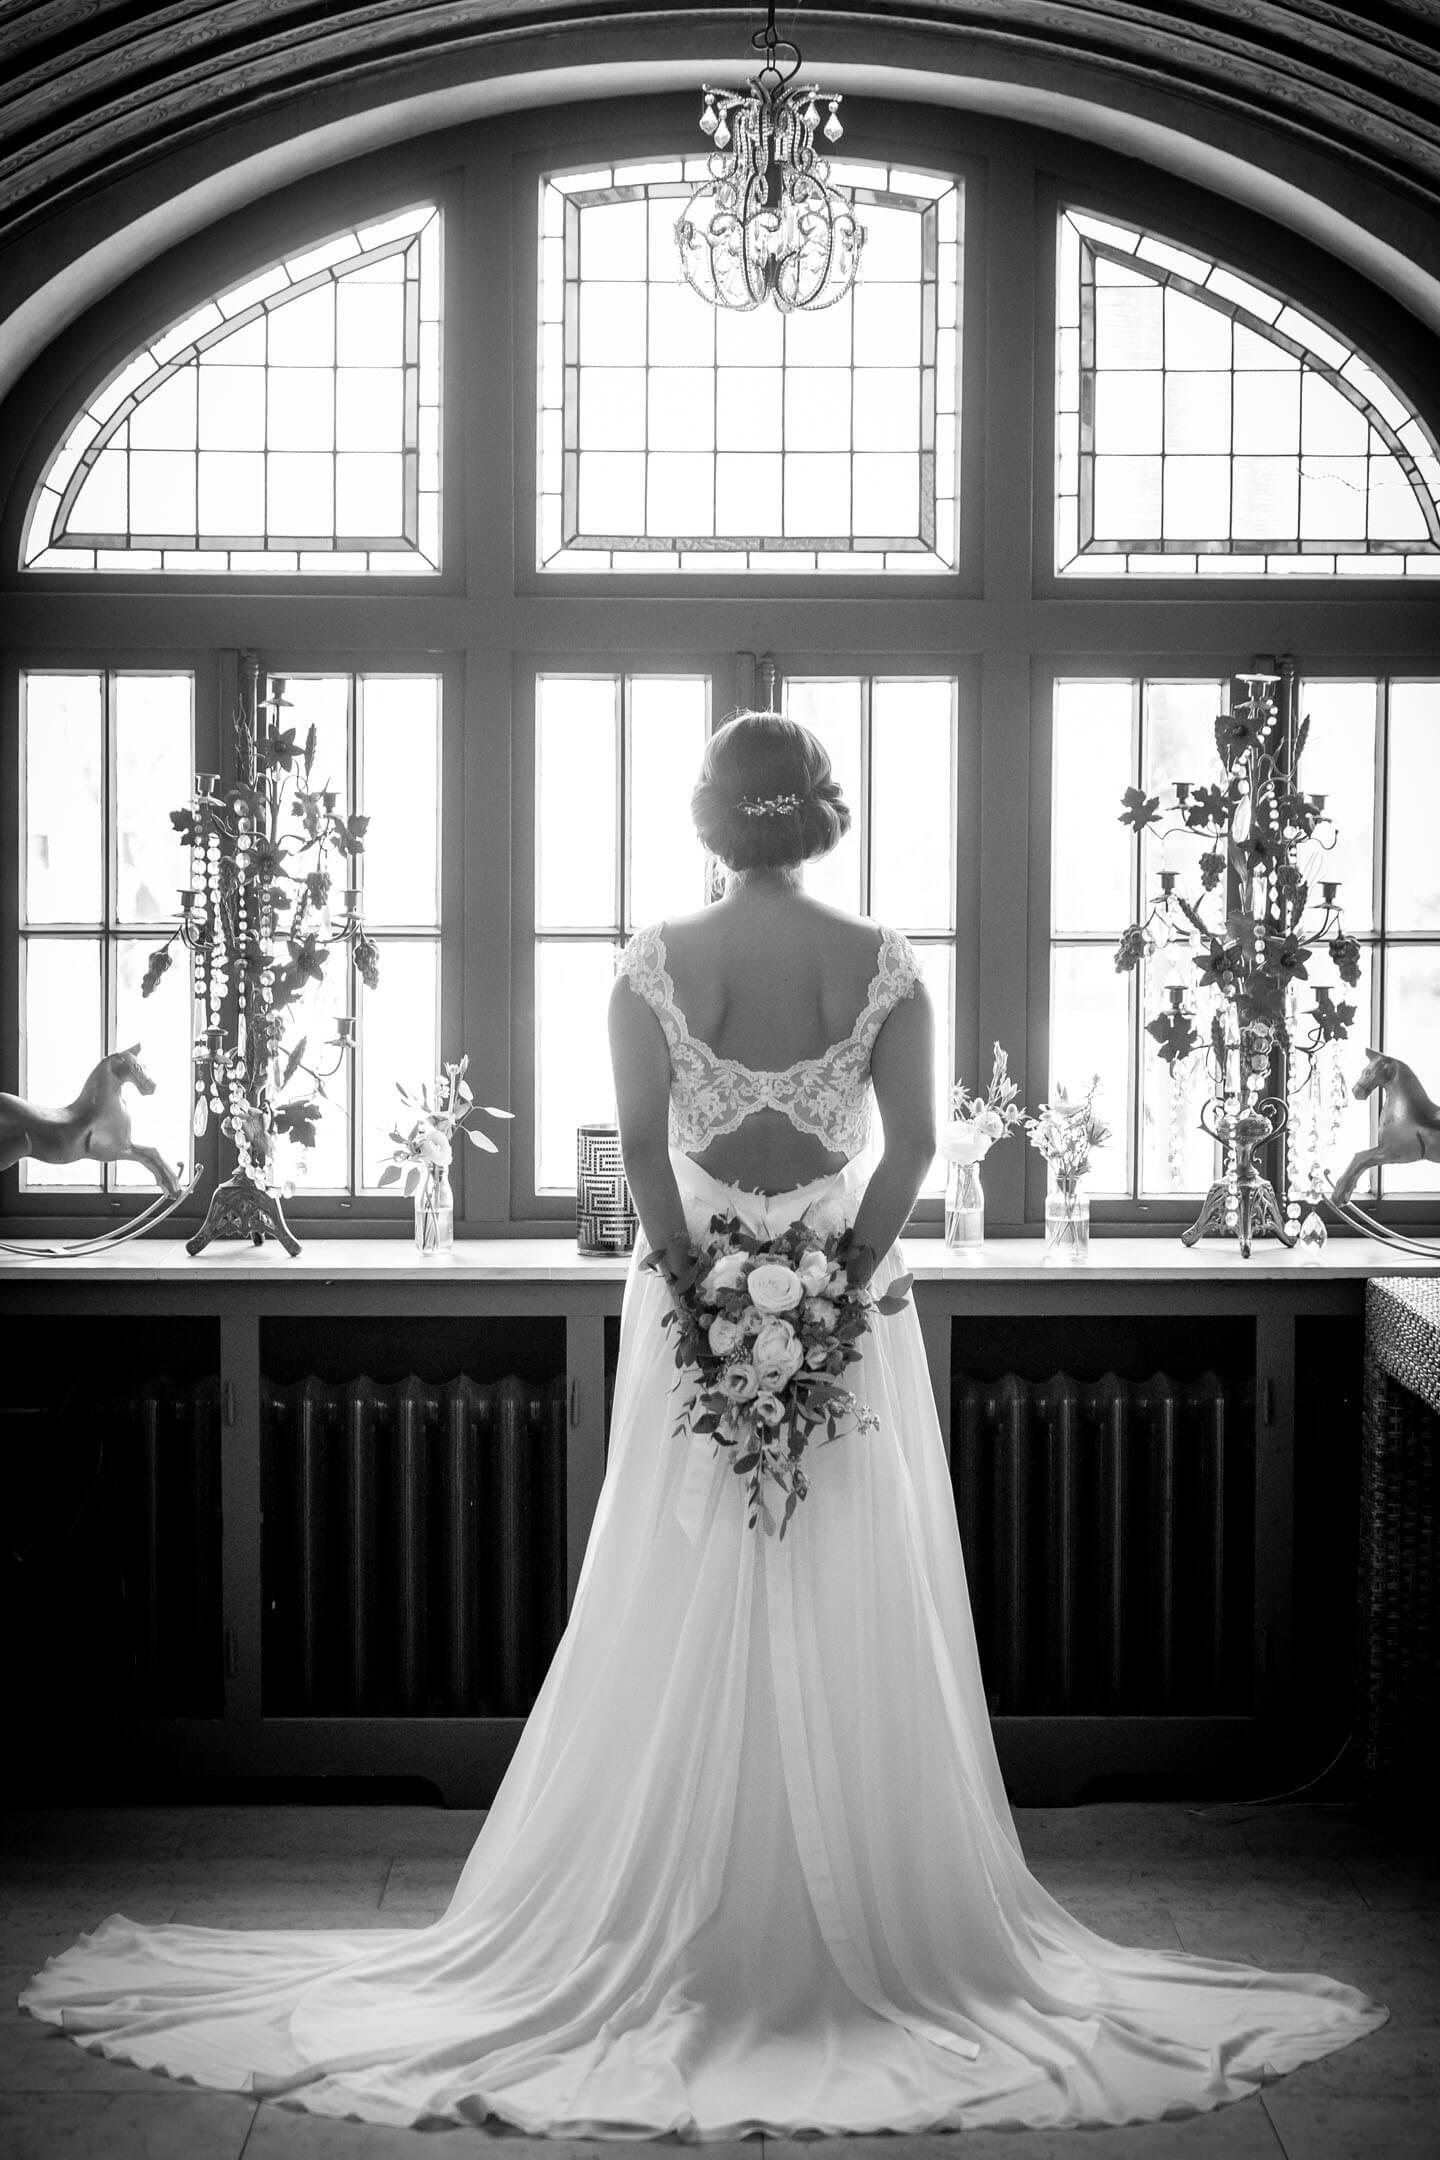 Hochzeitsfotograf Florian Läufer hat hier die Braut im Brautkleid von hinten fotografiert